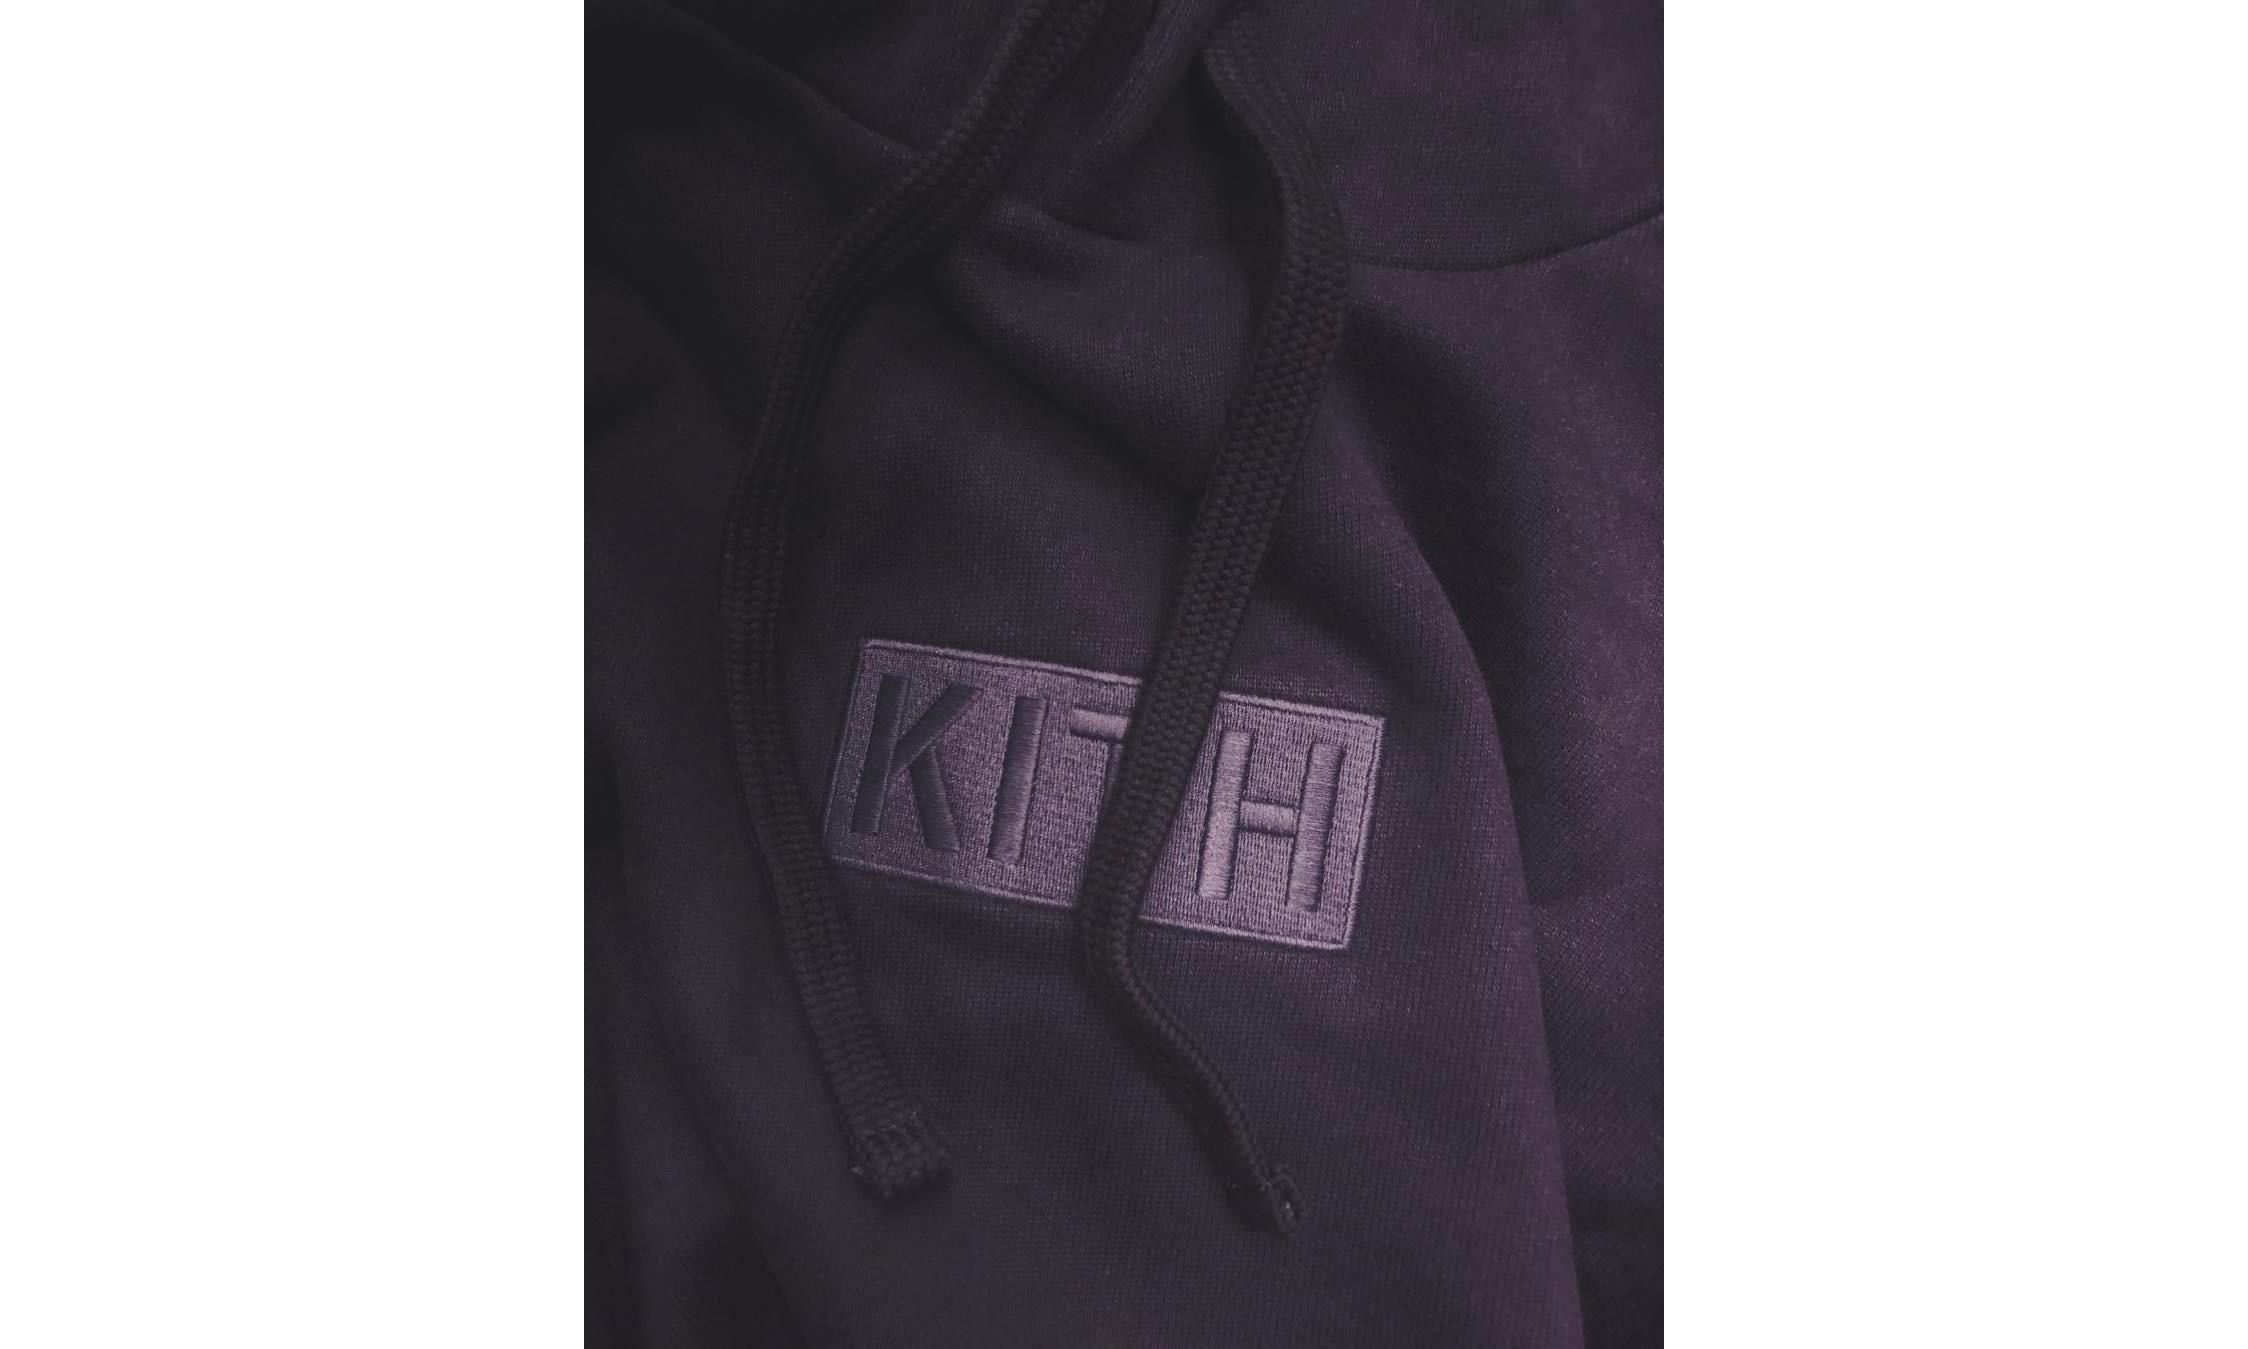 下一件必入单品?Ronnie Fieg 曝光 KITH 刺绣 Box Logo 卫衣